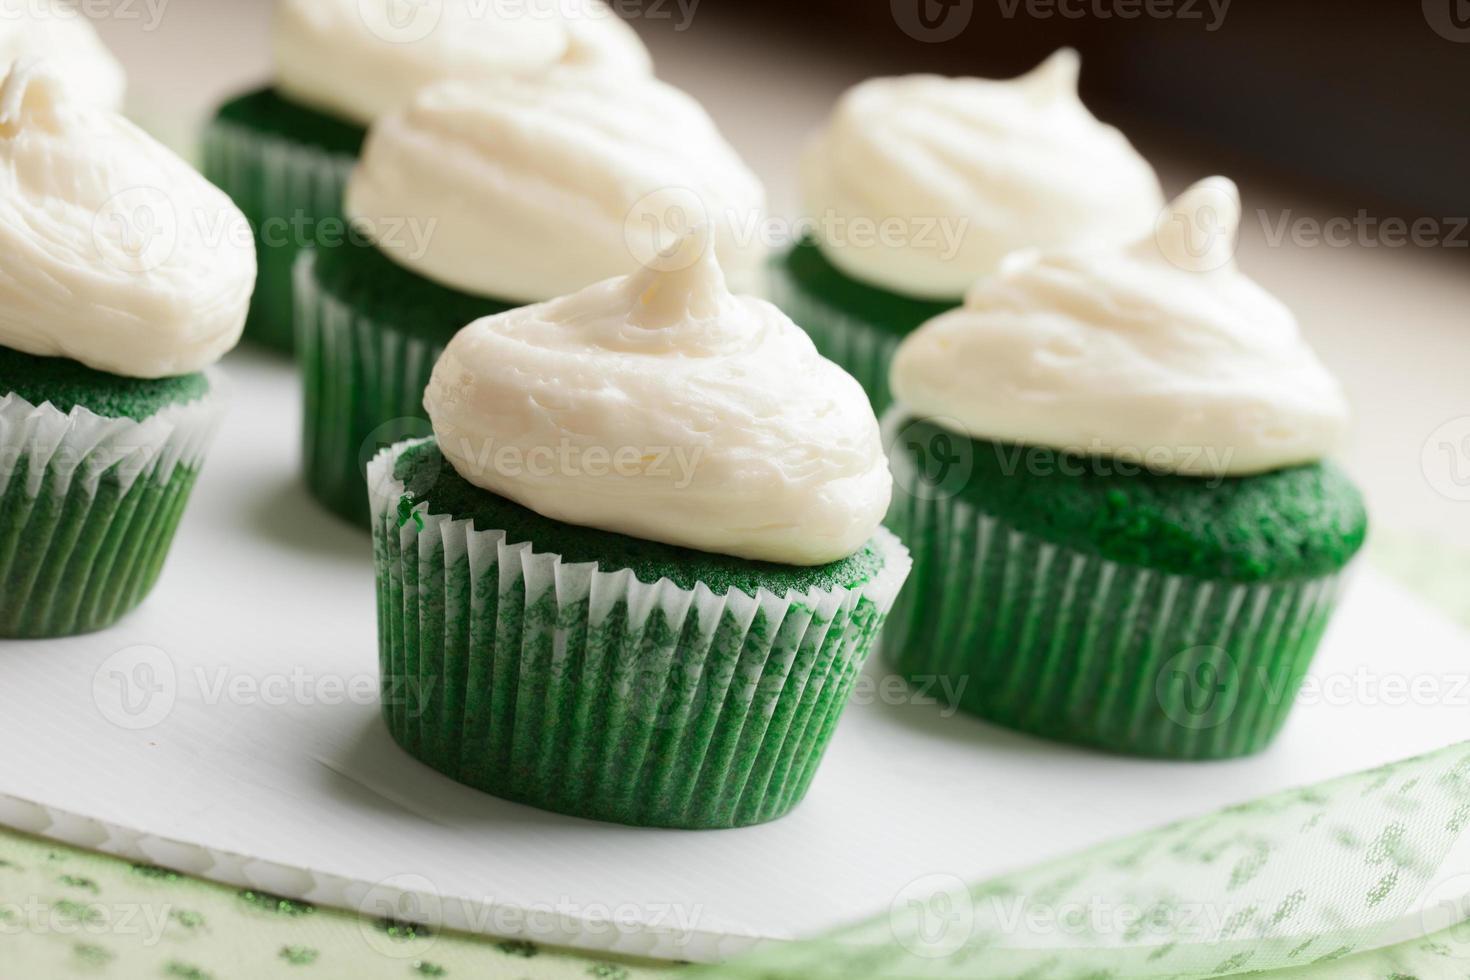 fuente de cupakes de terciopelo verde foto